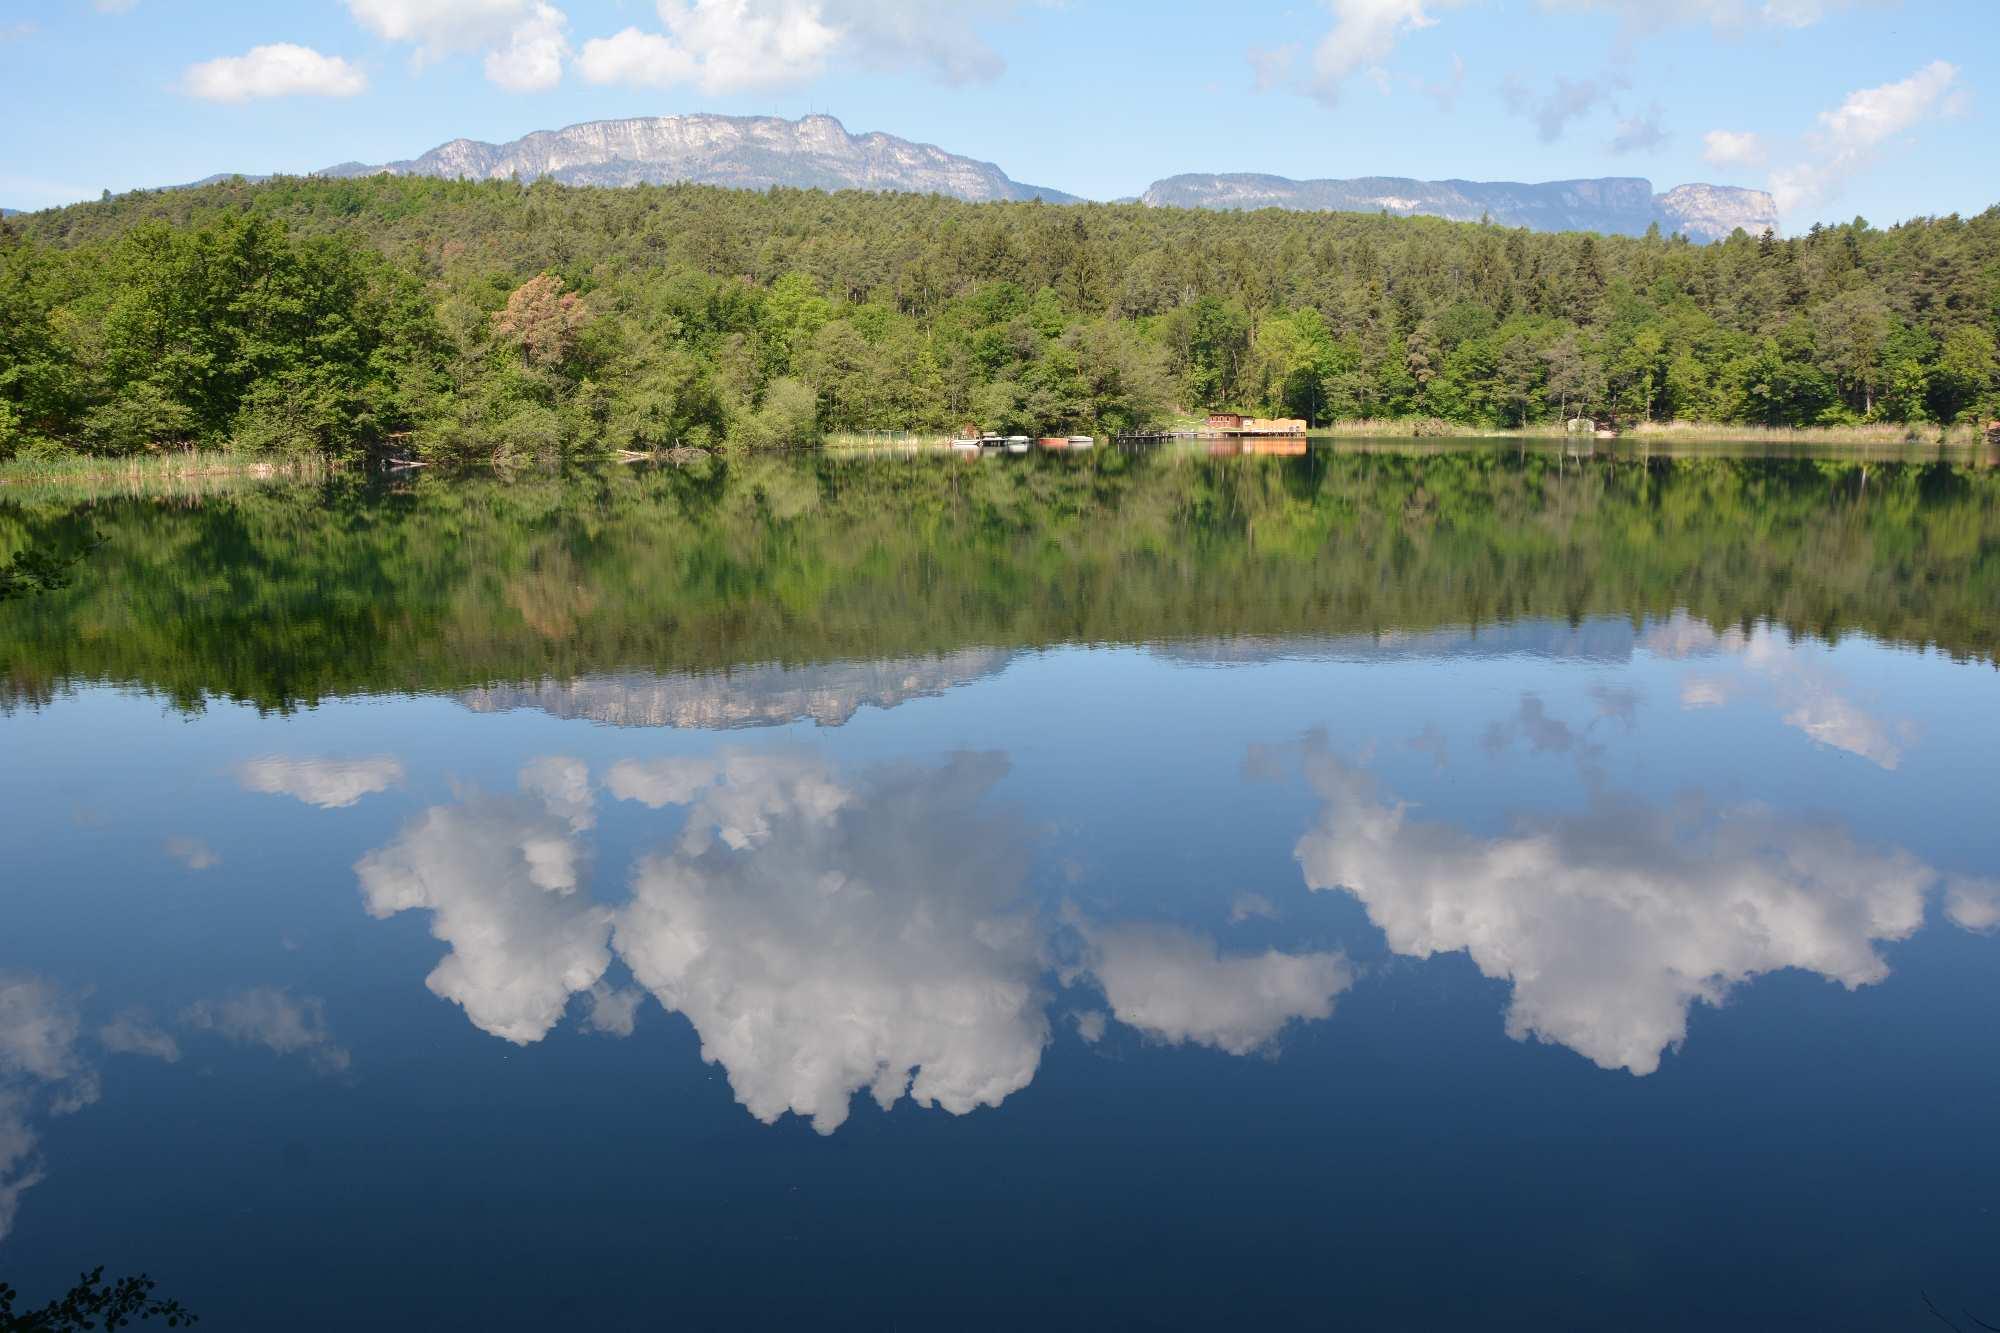 Die Wolken spiegeln sich auf der spiegelglatten Oberfläche im Montiggler See. Hinten sind die Berge zu sehen.